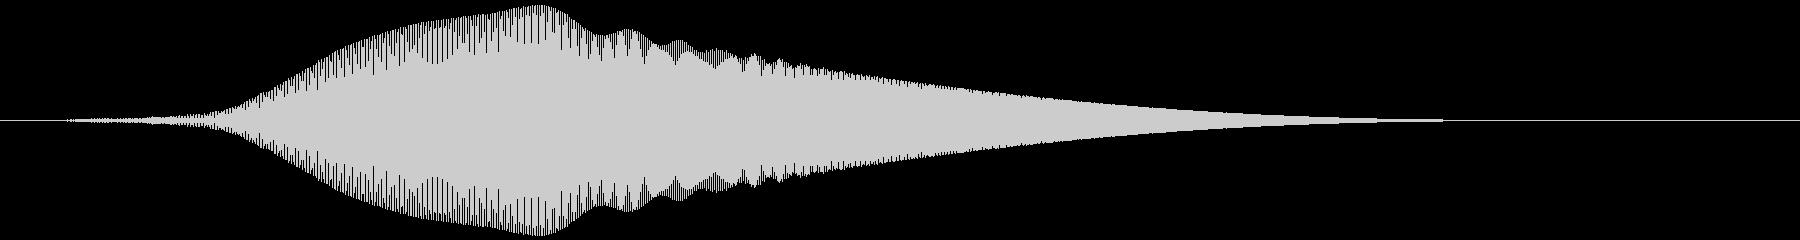 ジャンプ (ポョォィ)の未再生の波形